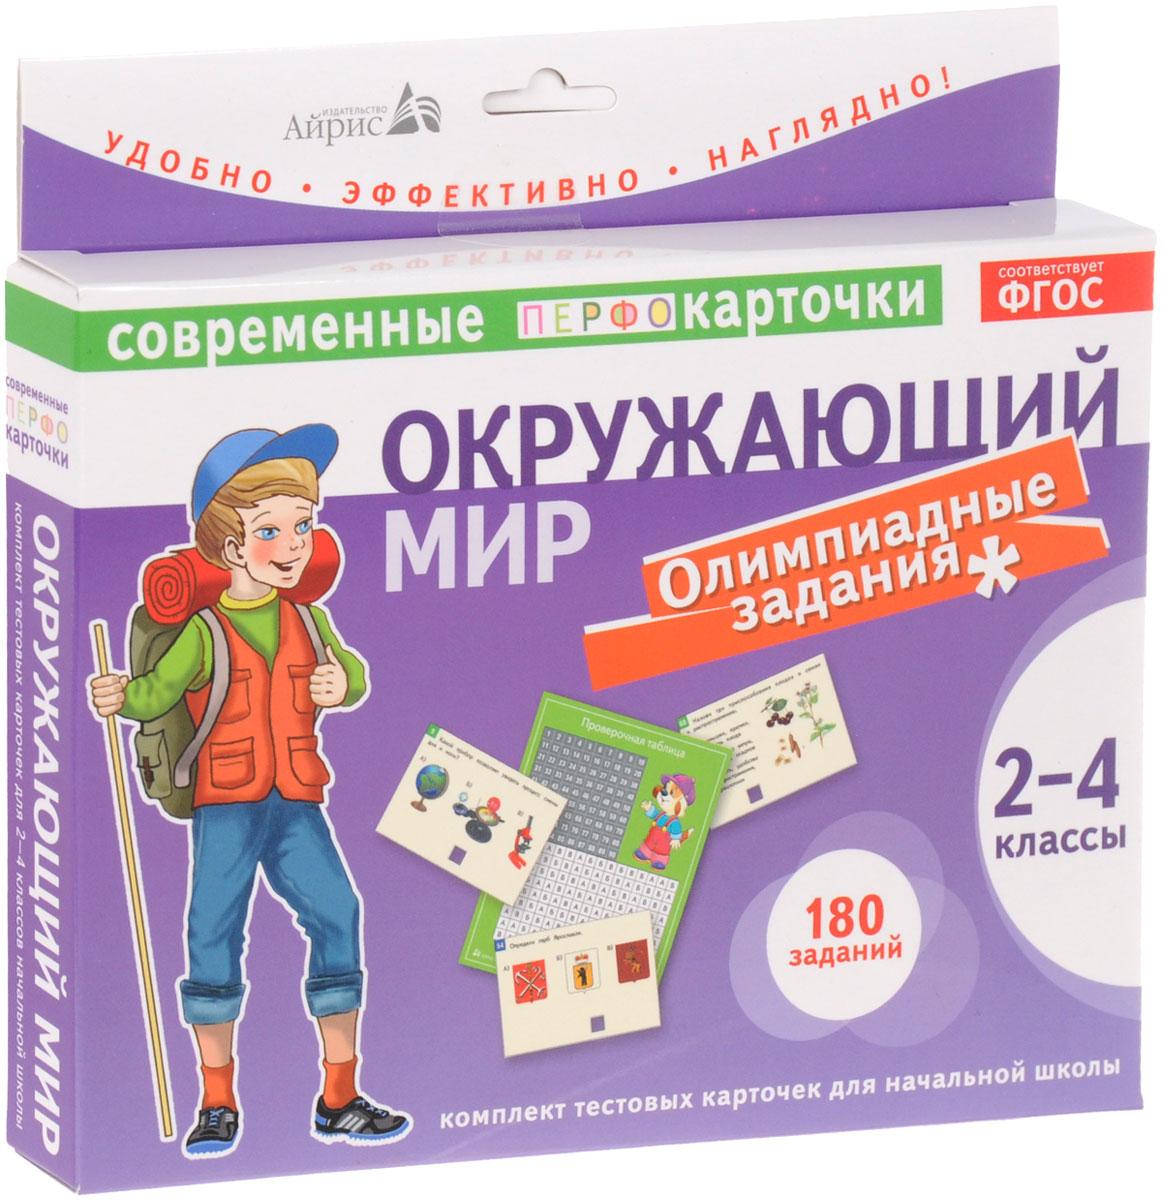 Окружающий мир. Олимпиадные задачи. 2-4 класс (комплект из 90 тестовых карточек + проверочная таблица)